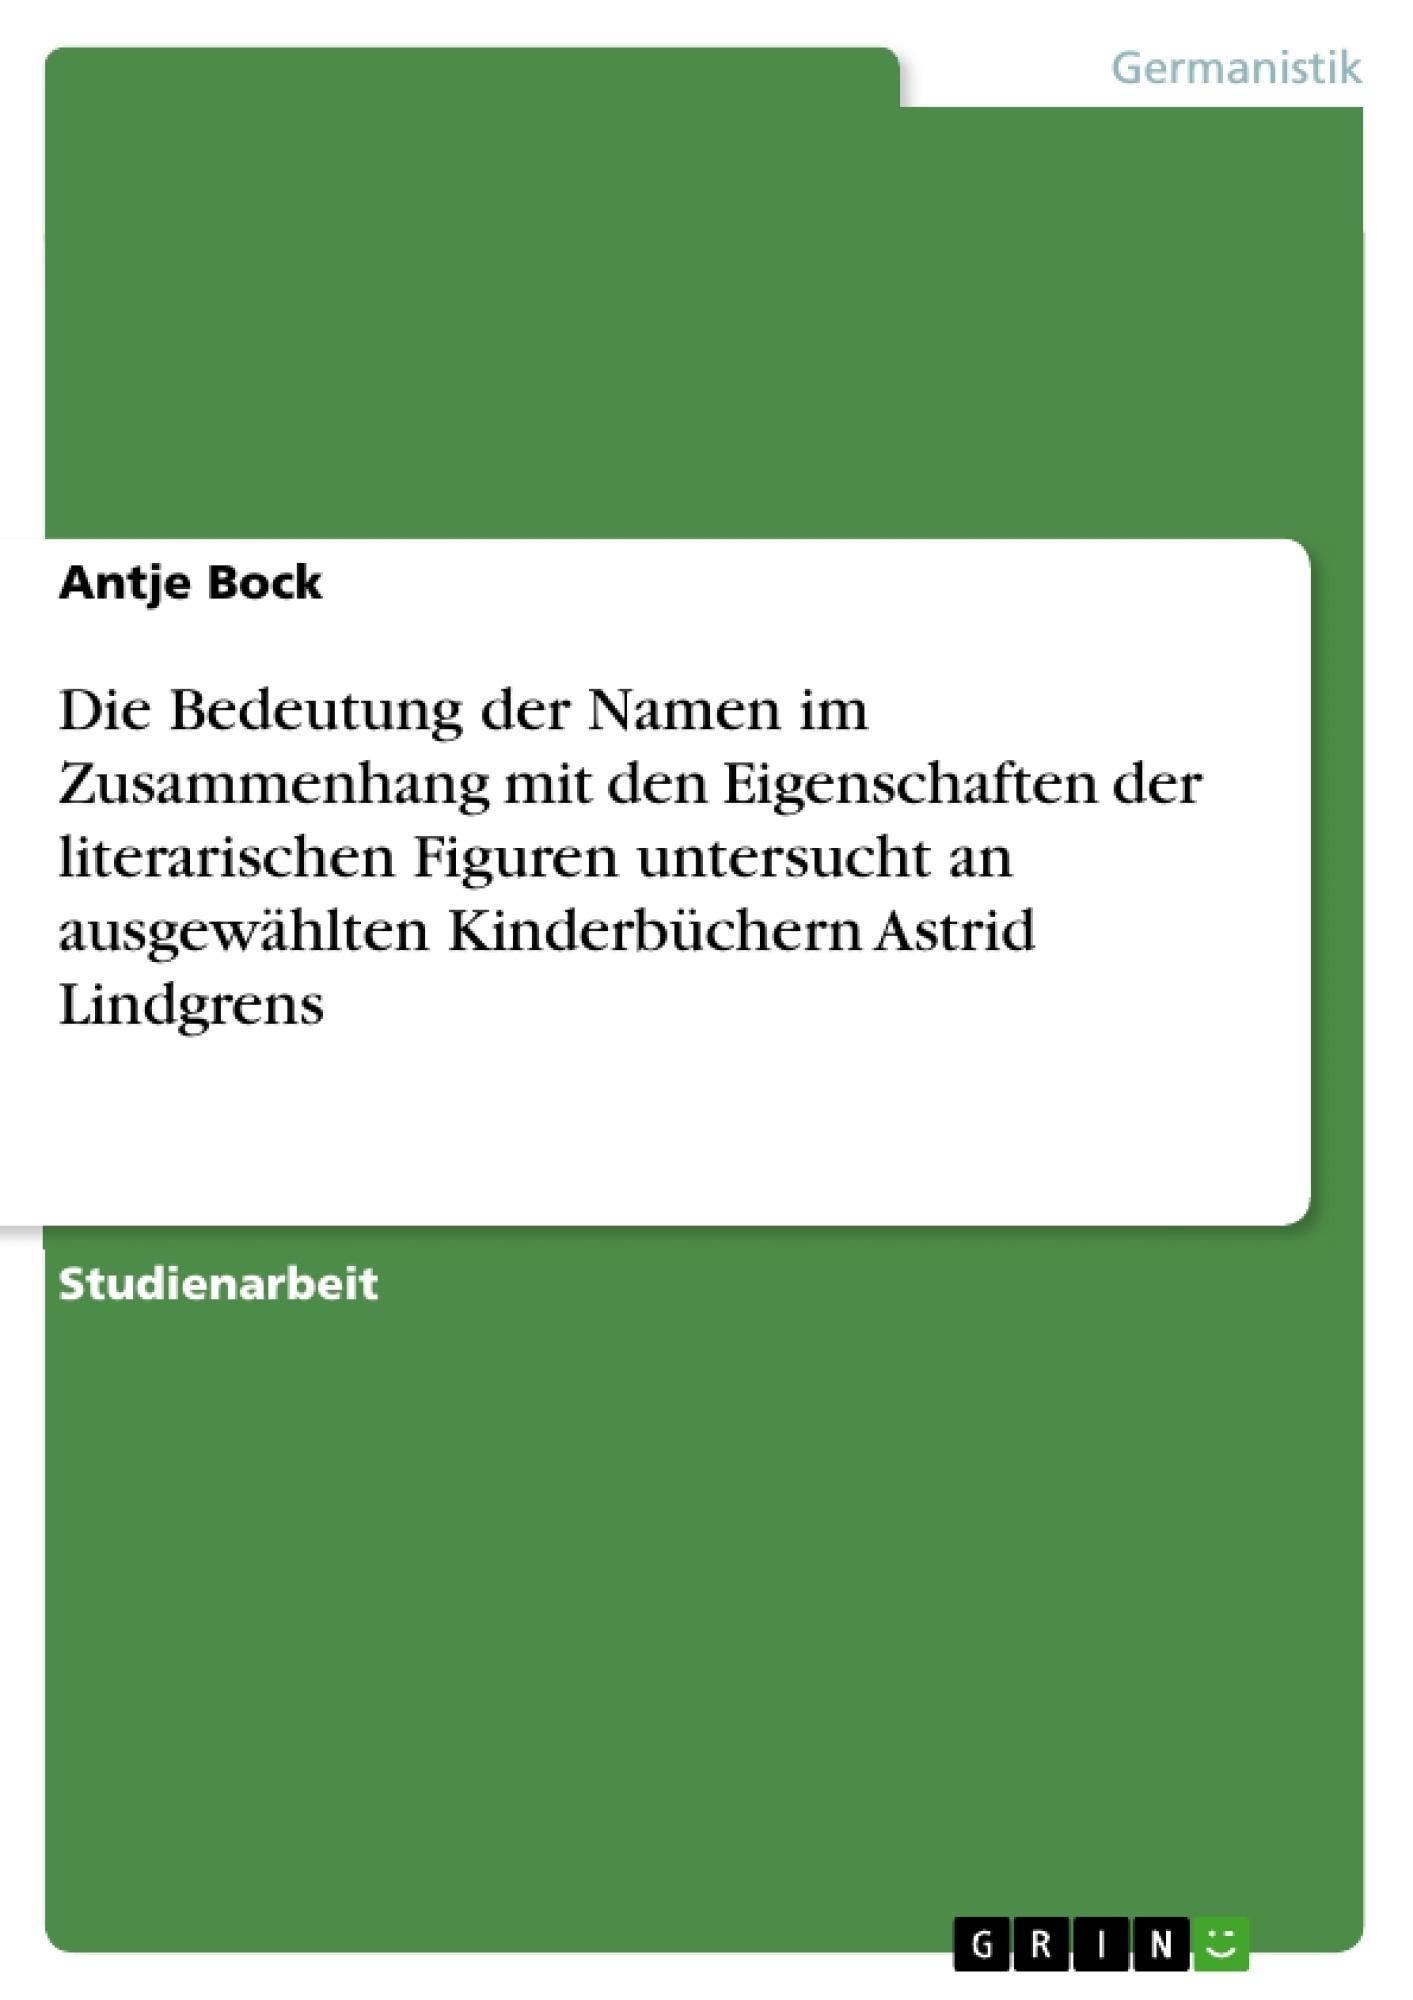 Titel: Die Bedeutung der Namen im Zusammenhang mit den Eigenschaften der literarischen Figuren untersucht an ausgewählten Kinderbüchern Astrid Lindgrens